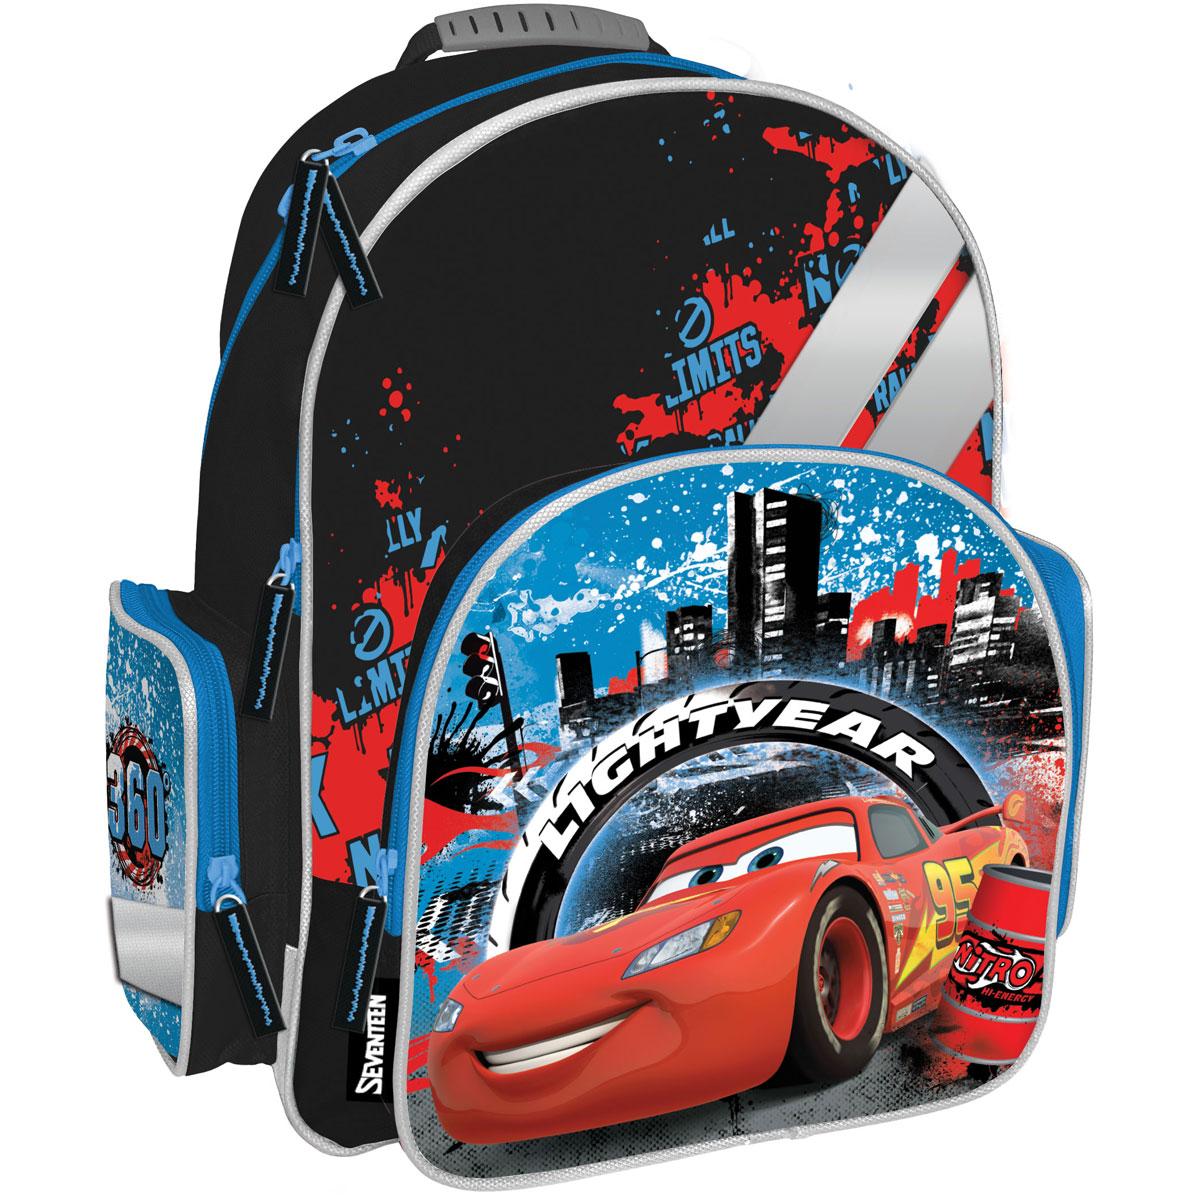 Рюкзак школьный Cars, цвет: черный, голубой, красный. CRCB-MT1-962172523WDРюкзак Cars обязательно понравится вашему школьнику. Выполнен из прочных и высококачественных материалов, дополнен изображением героя из известного мультфильма Тачки.Содержит два вместительных отделения, закрывающиеся на застежки-молнии. В большом отделении находятся две перегородки для тетрадей или учебников. Лицевая сторона оснащена накладным карманом на молнии. По бокам расположены два накладных кармана: на застежке-молнии и открытый, стянутый сверху резинкой. Специально разработанная архитектура спинки со стабилизирующими набивными элементами повторяет естественный изгиб позвоночника. Набивные элементы обеспечивают вентиляцию спины ребенка. Плечевые лямки анатомической формы равномерно распределяют нагрузку на плечевую и воротниковую зоны. Конструкция пряжки лямок позволяет отрегулировать рюкзак по фигуре. Рюкзак оснащен эргономичной ручкой для удобной переноски в руке. Светоотражающие элементы обеспечивают безопасность в темное время суток.Многофункциональный школьный рюкзак станет незаменимым спутником вашего ребенка в походах за знаниями.Вес рюкзака без наполнения: 700 г.Рекомендуемый возраст: от 12 лет.